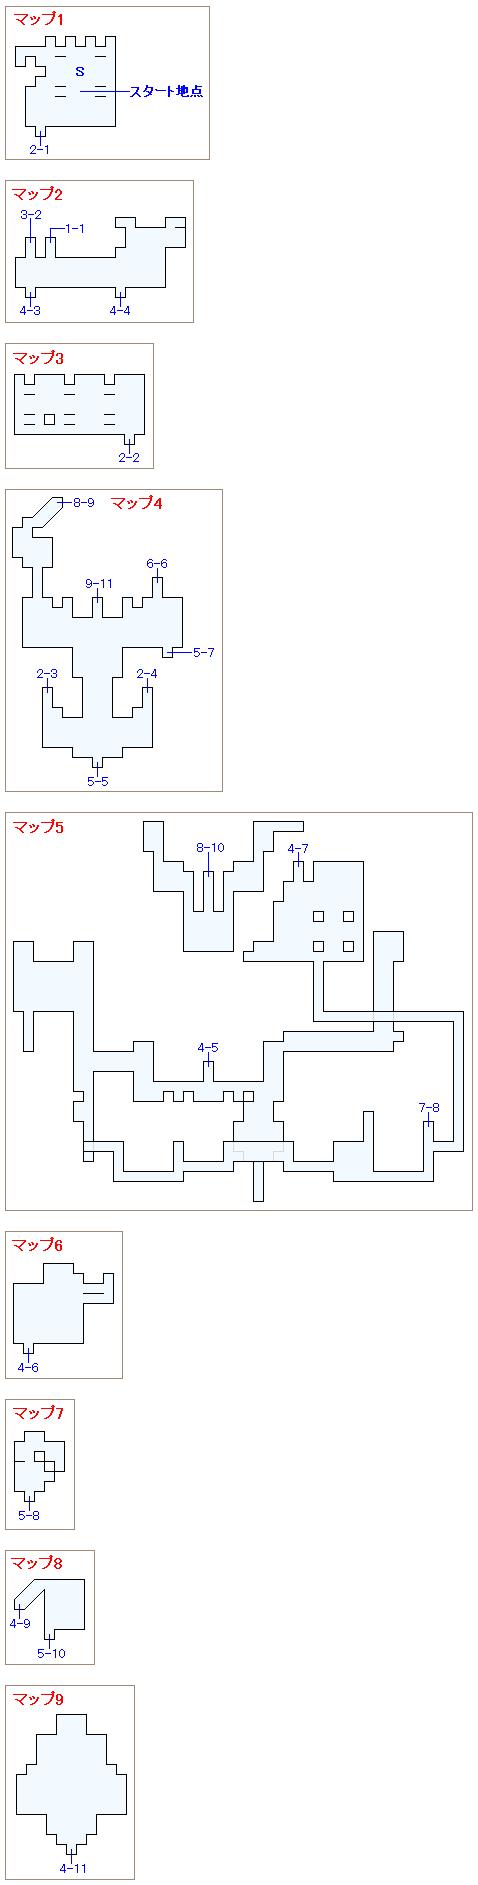 夢のダンジョン(ドマ城フロア)のマップ画像